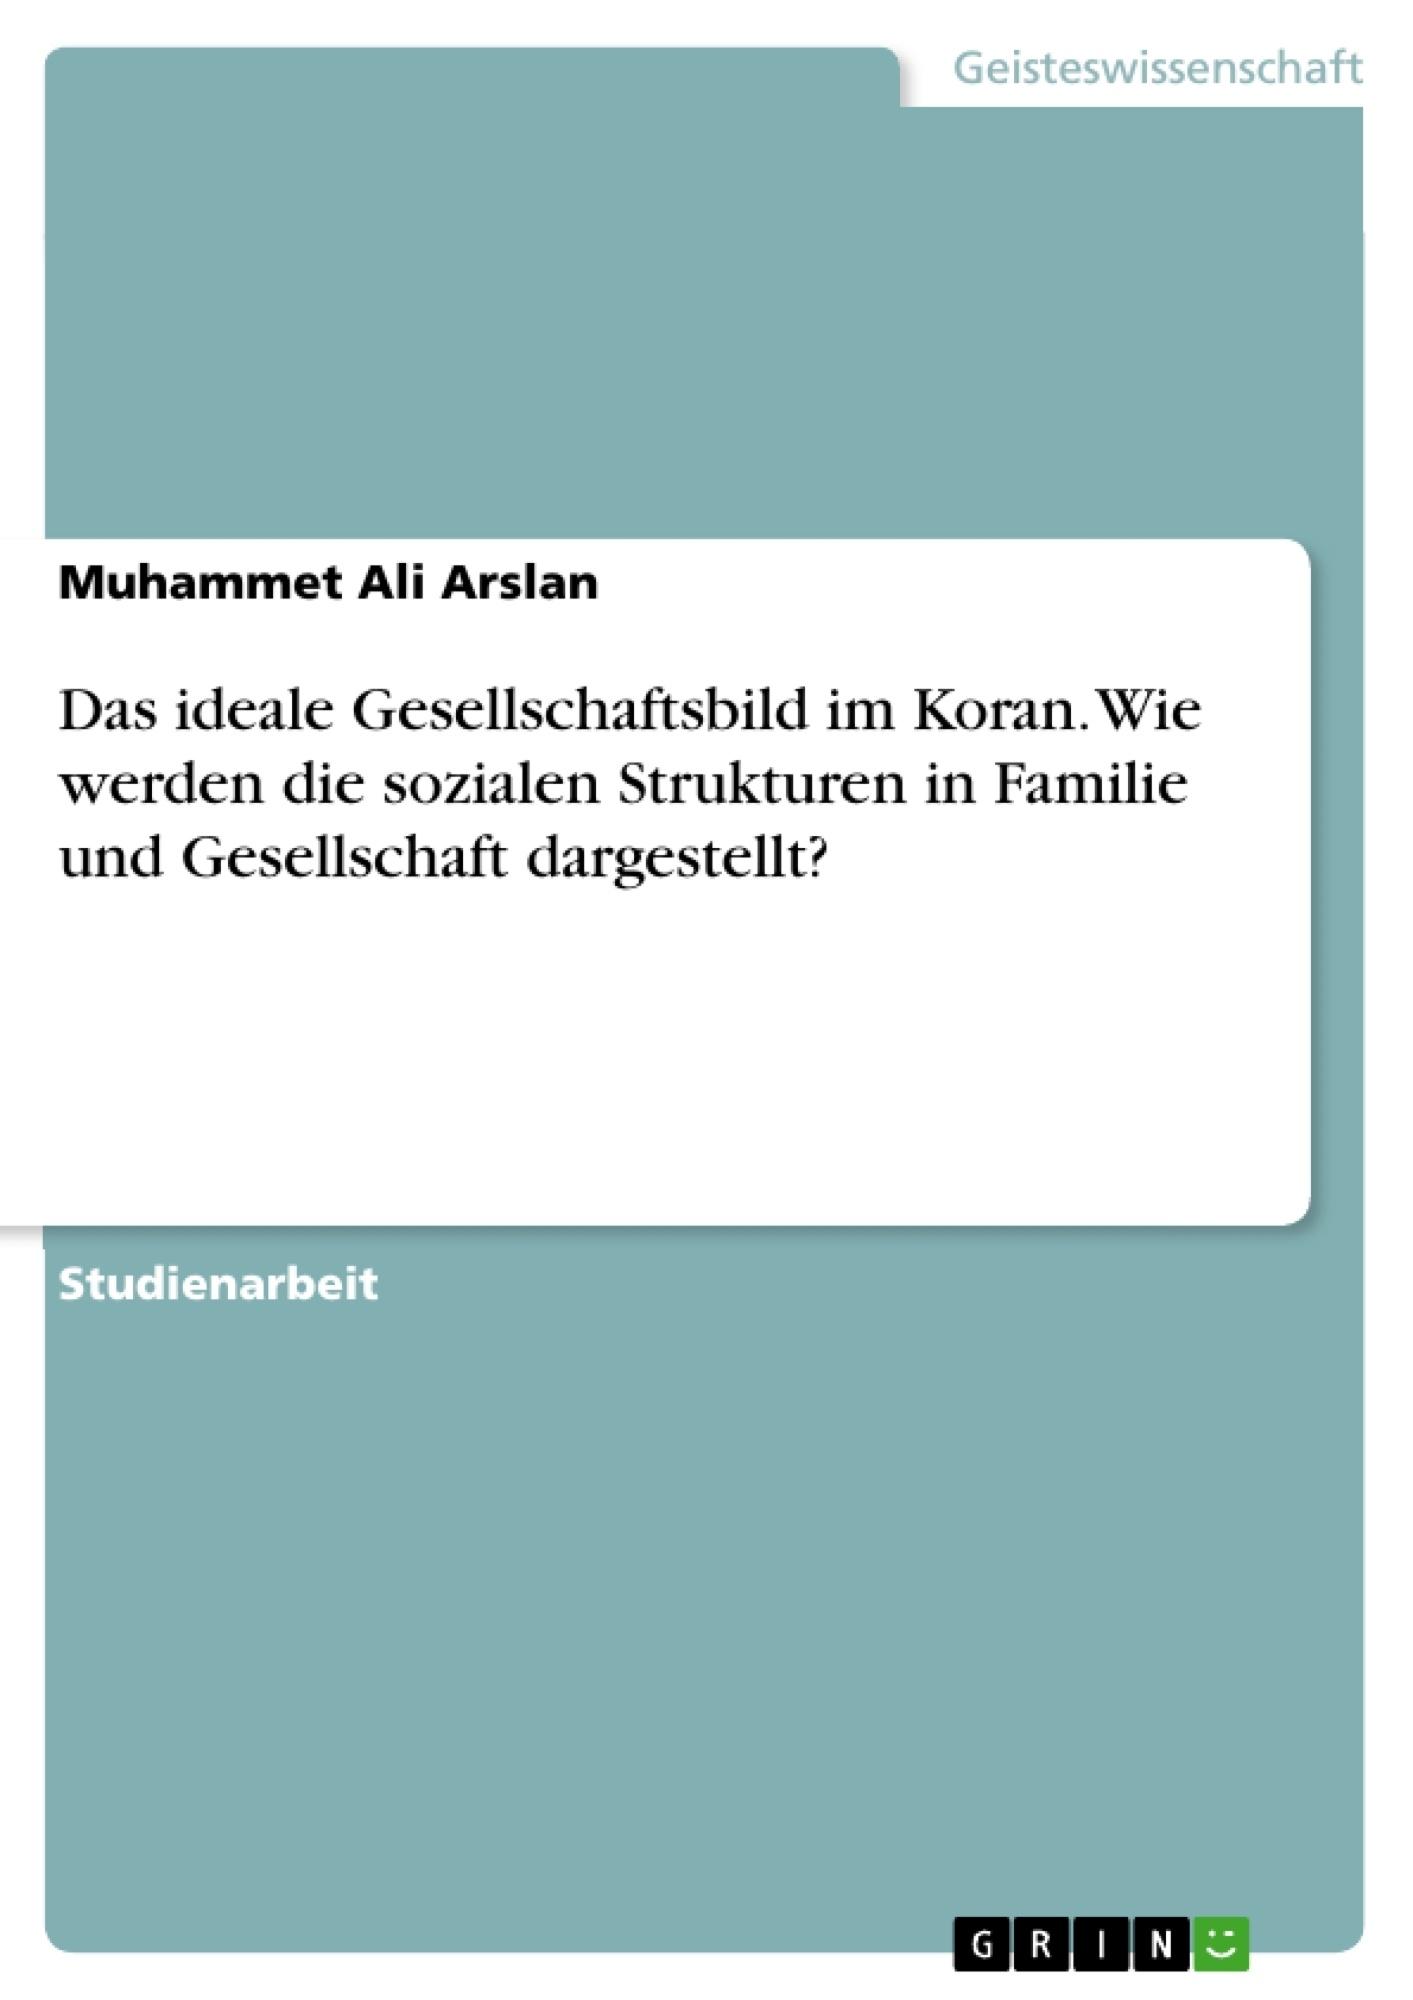 Titel: Das ideale Gesellschaftsbild im Koran. Wie werden die sozialen Strukturen in Familie und Gesellschaft dargestellt?